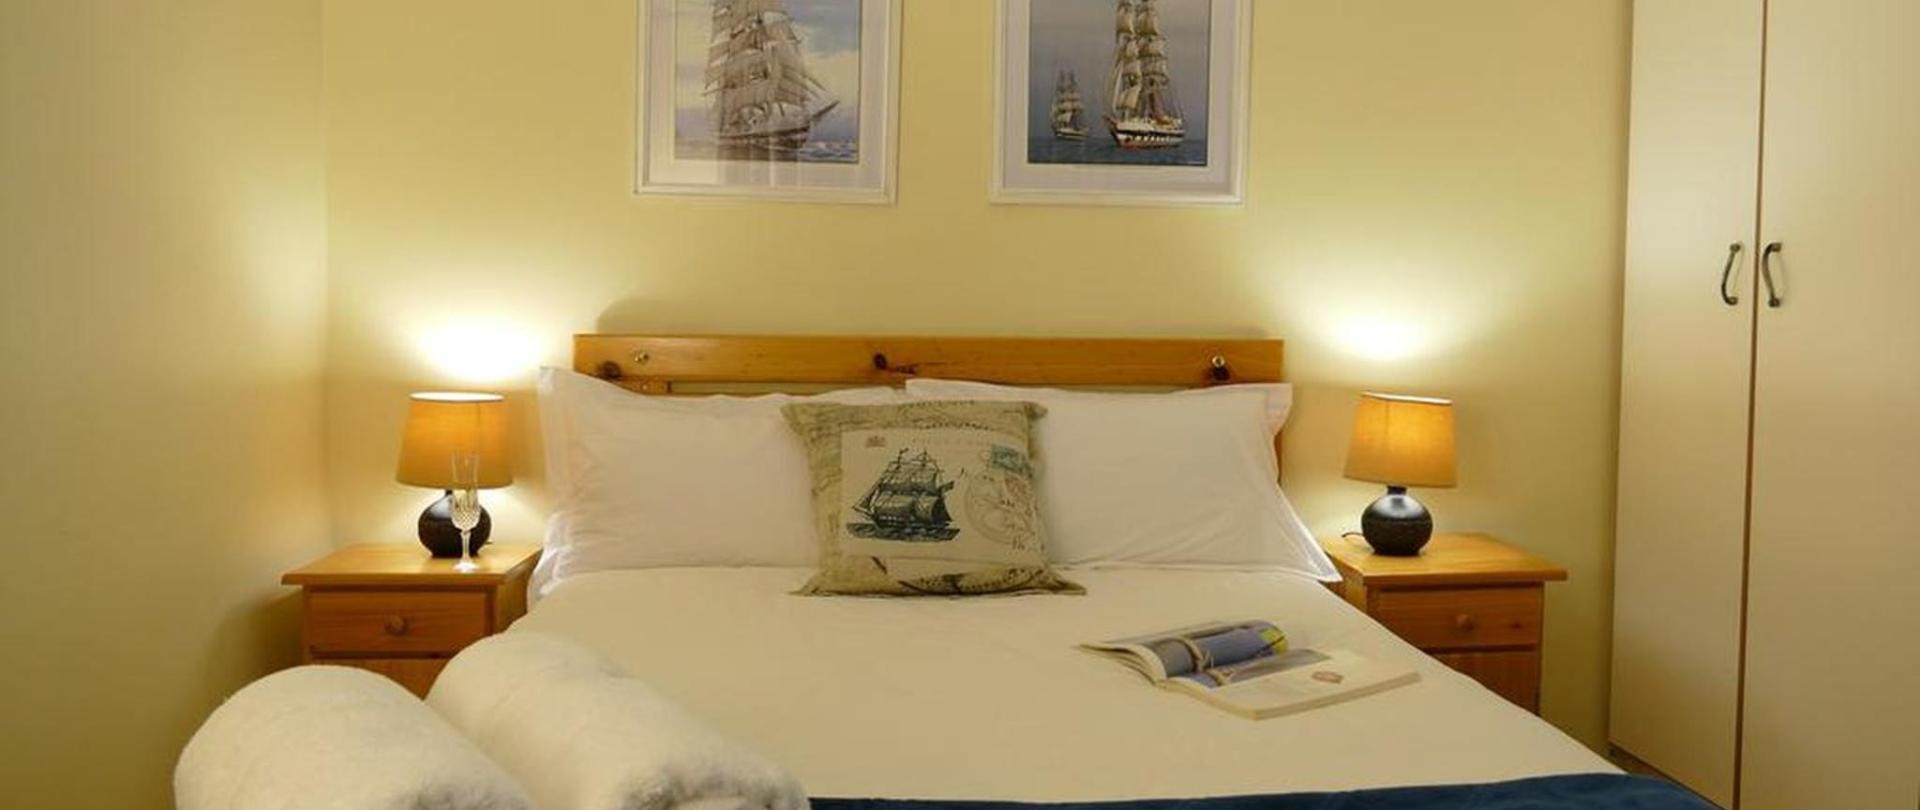 Hideaway bedroom.jpg